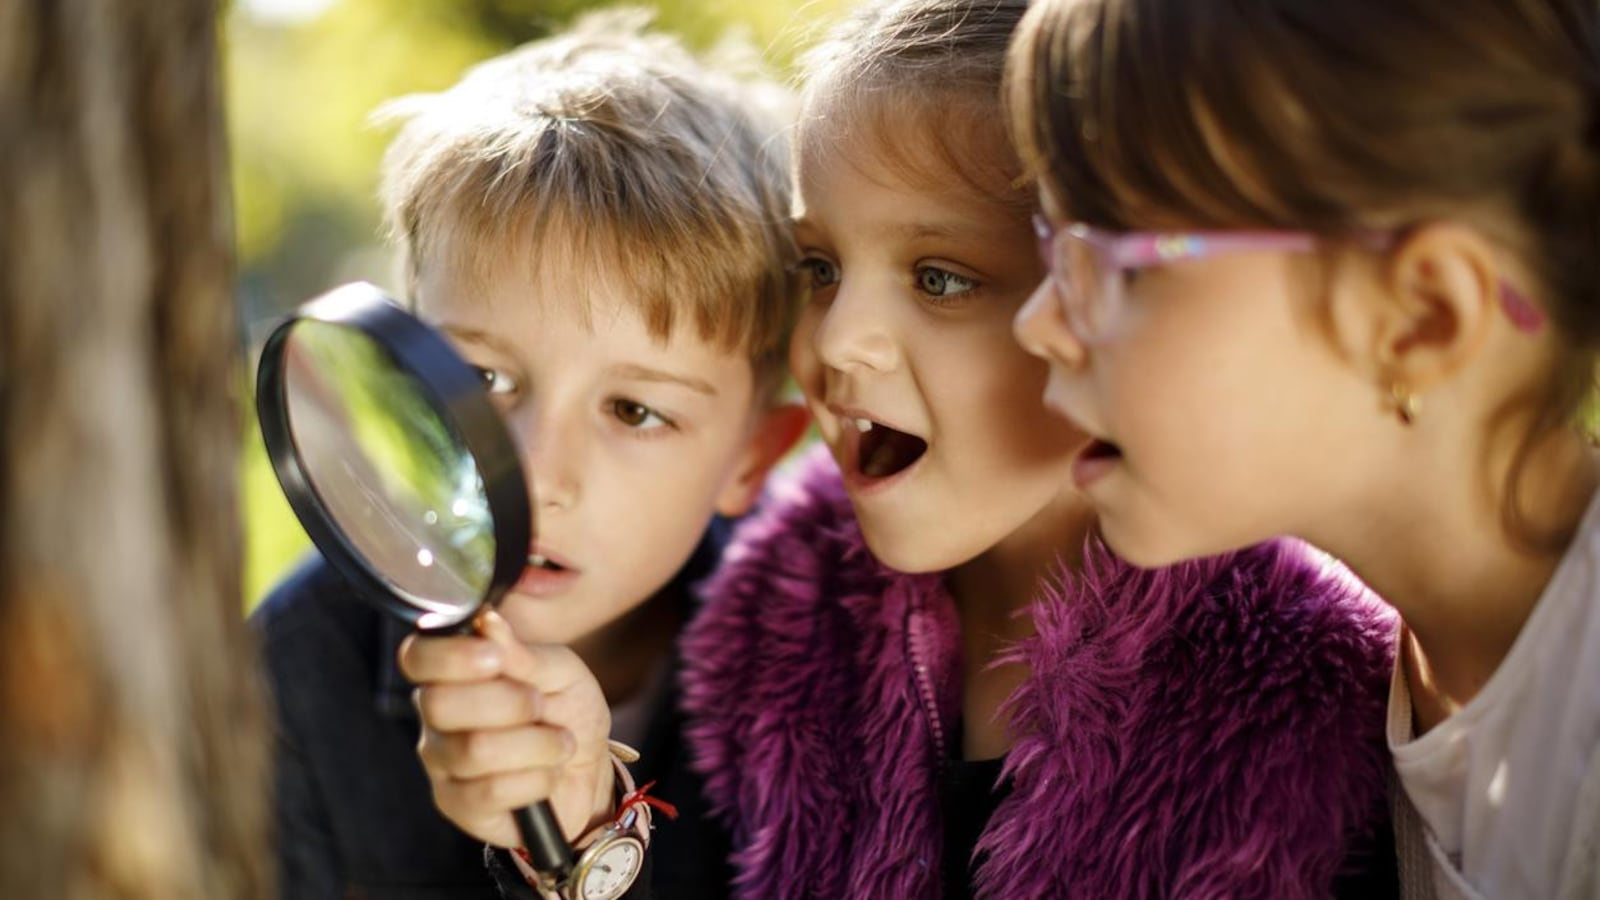 Les deux fillettes et le garçon regardent un arbre avec une loupe